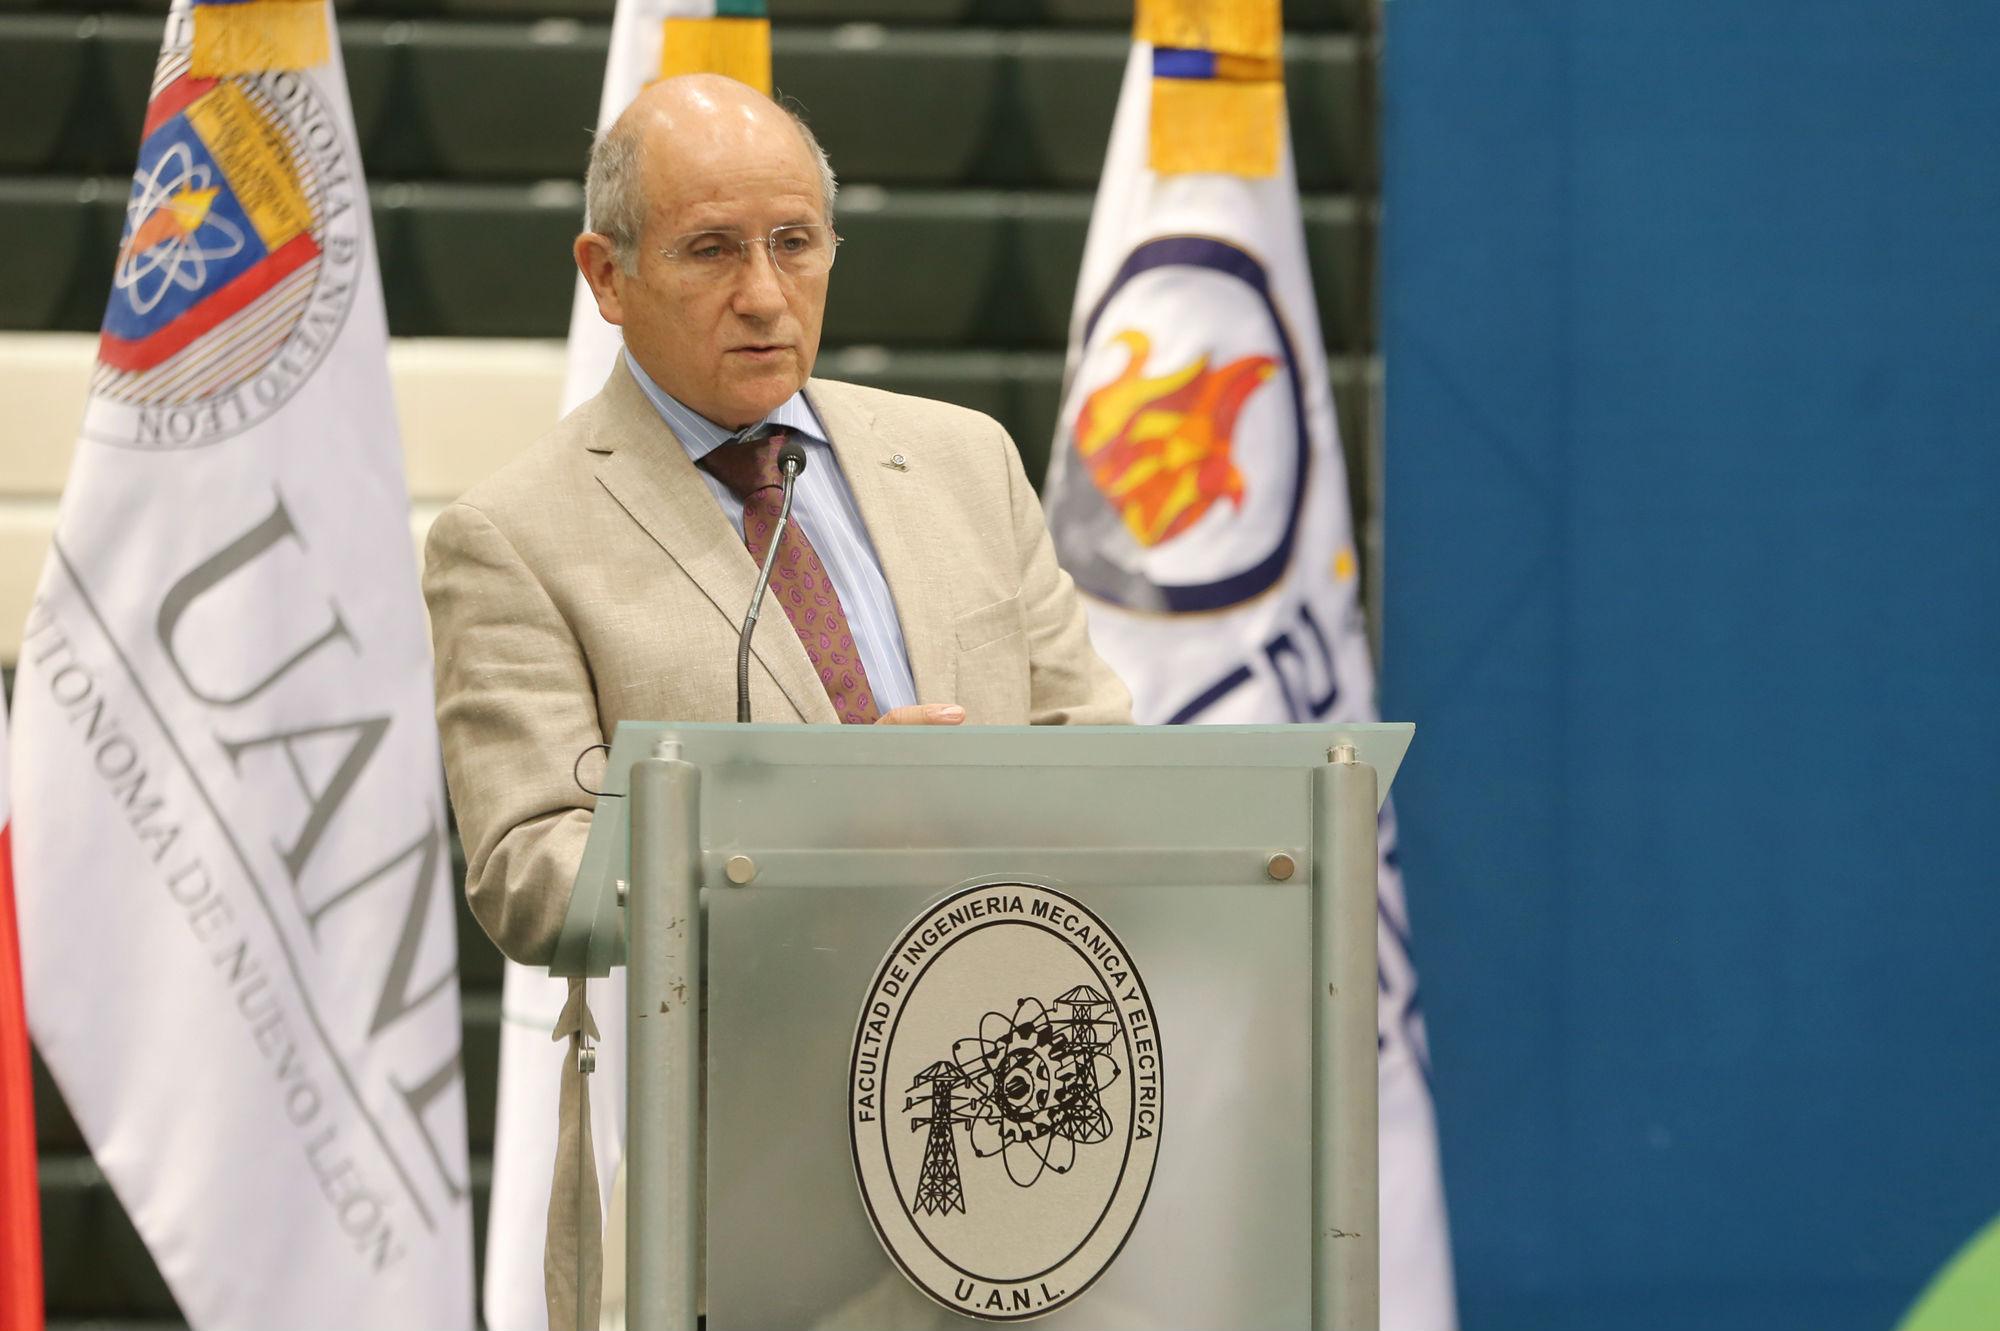 Ricardo Viramontes Brown, Director Regional Noreste del CONACYT